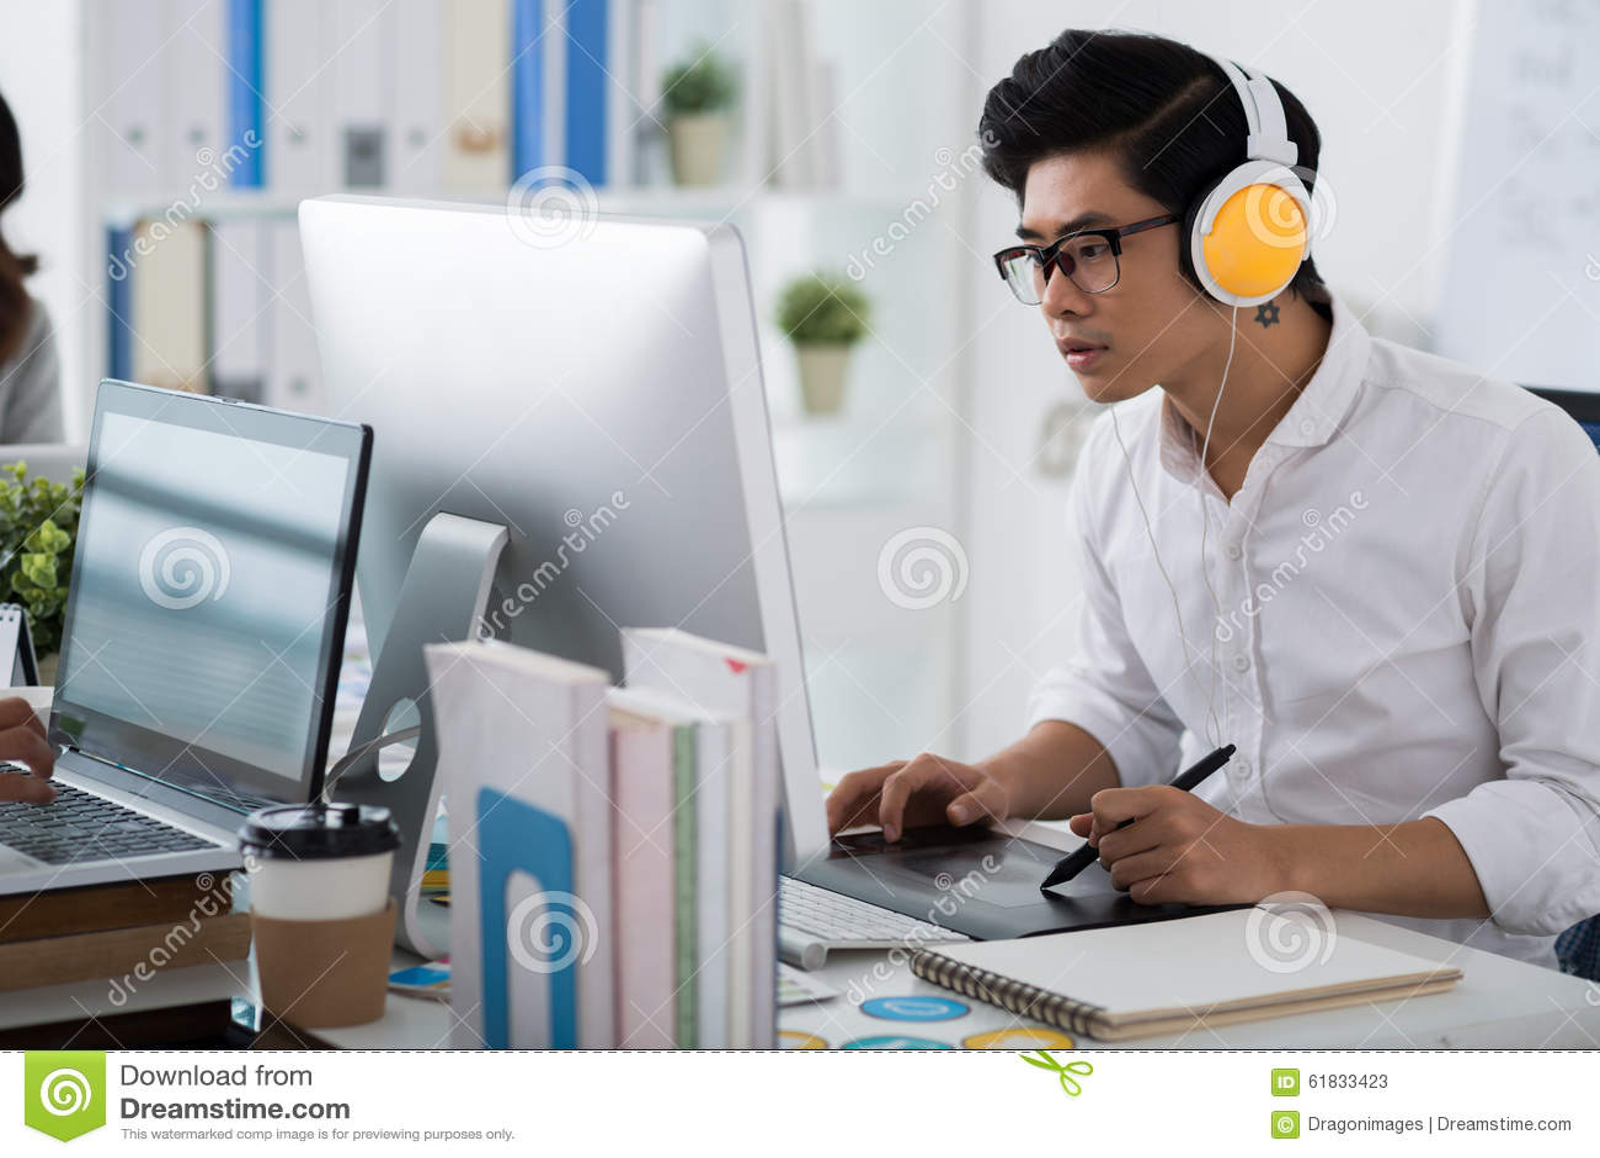 Diseñador web vietnamita